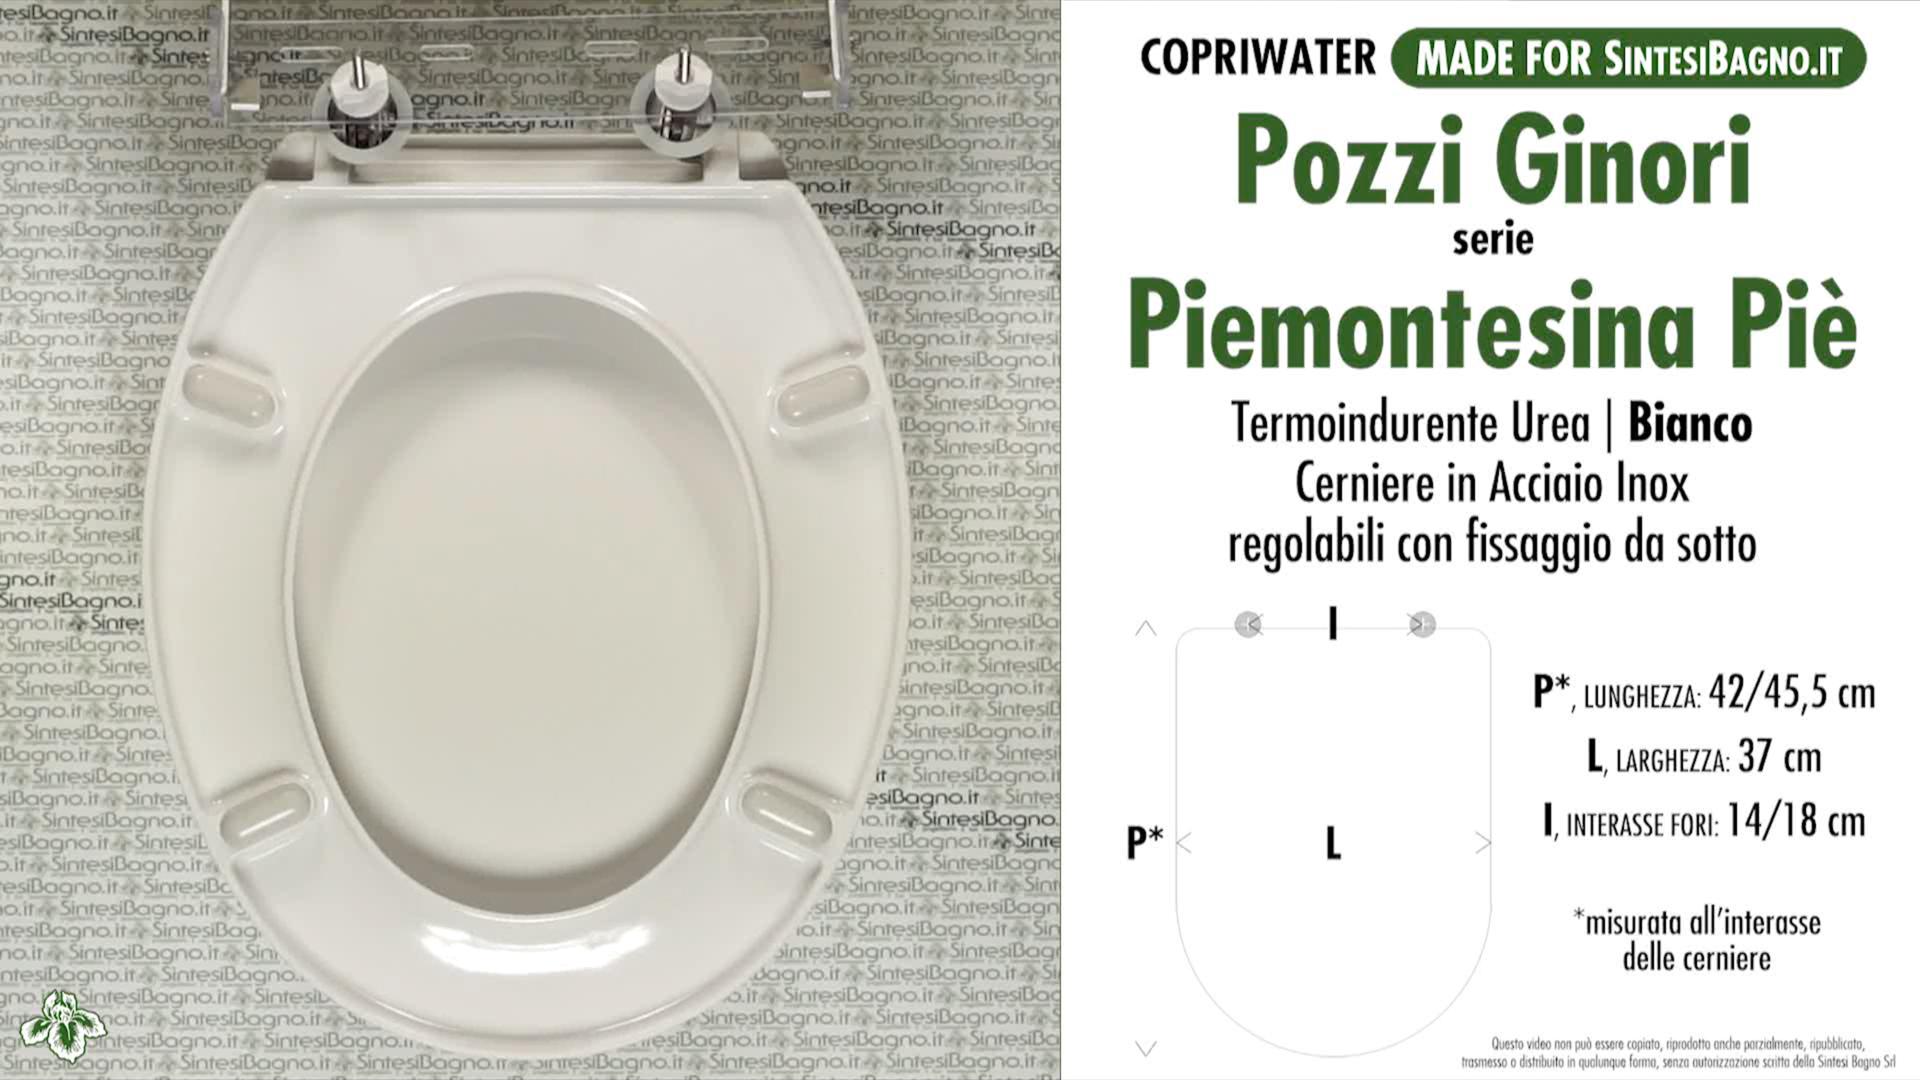 SCHEDA TECNICA MISURE copriwater POZZI GINORI PIEMONTESINA PIE' MONOBLOCCO